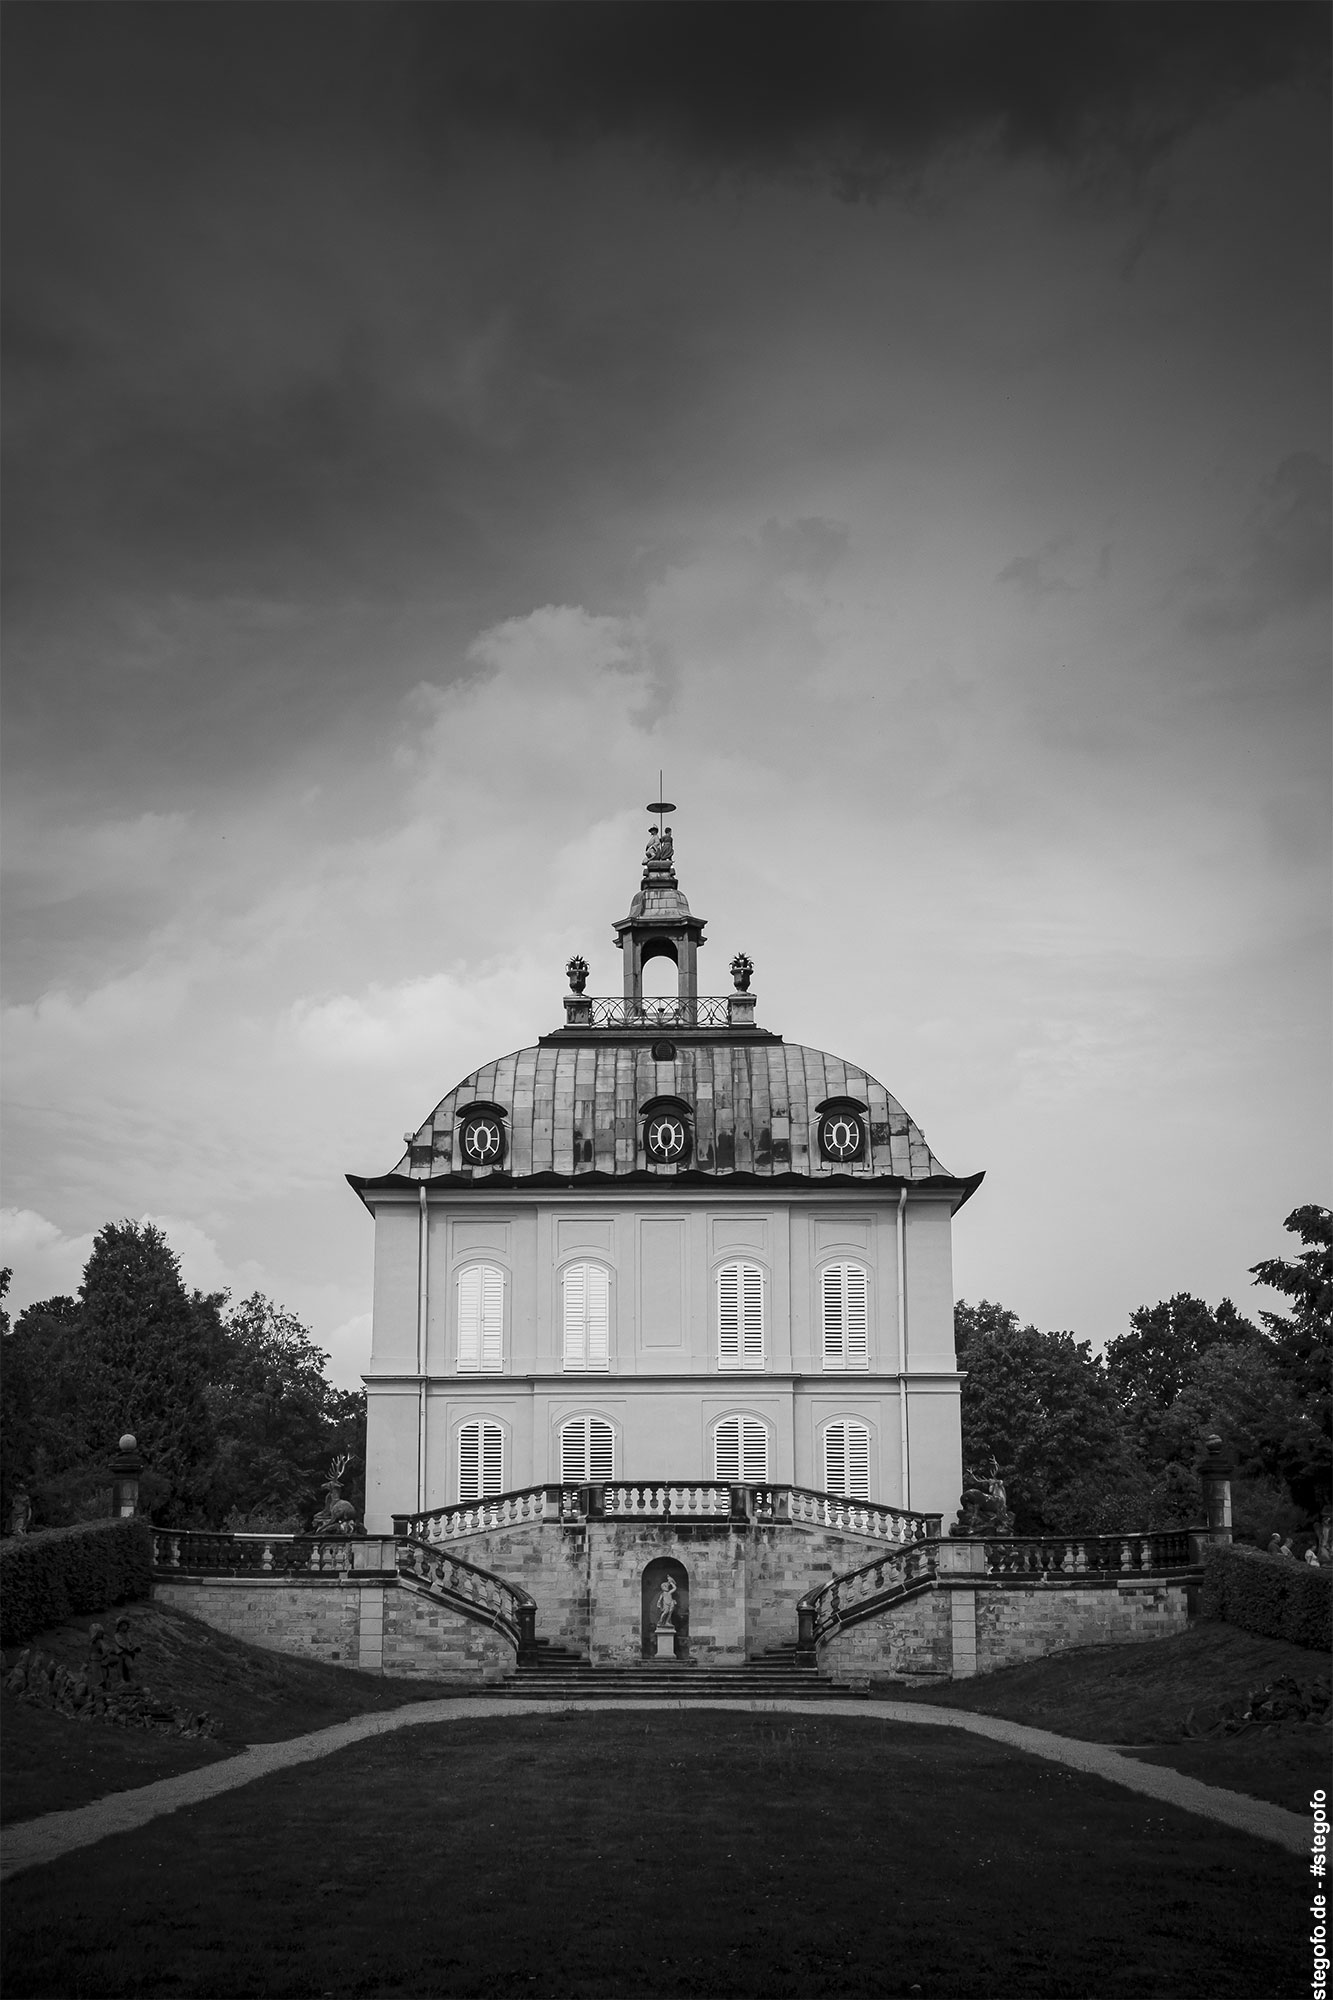 Das Fasanenschlösschen in Moritzburg